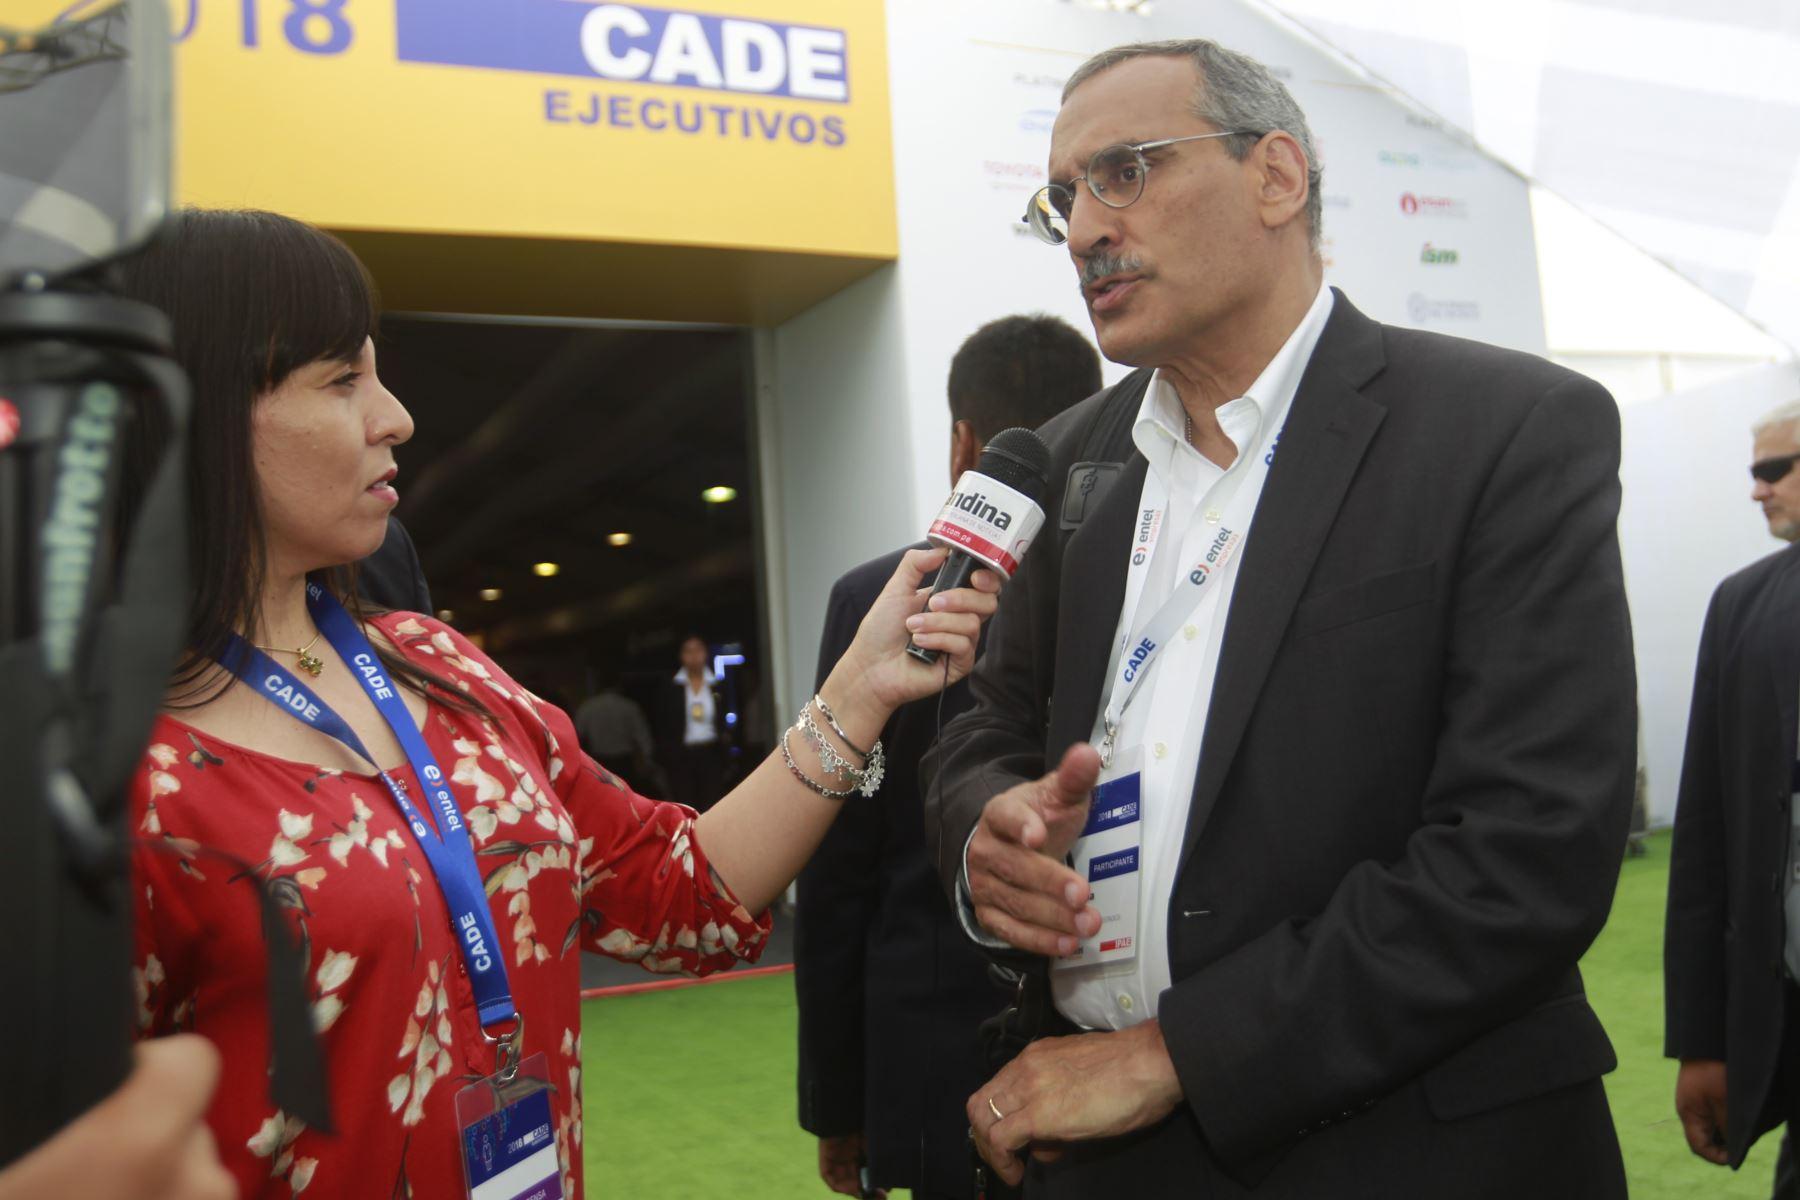 El embajador de Estados Unidos destaca la independencia de poderes en Perú